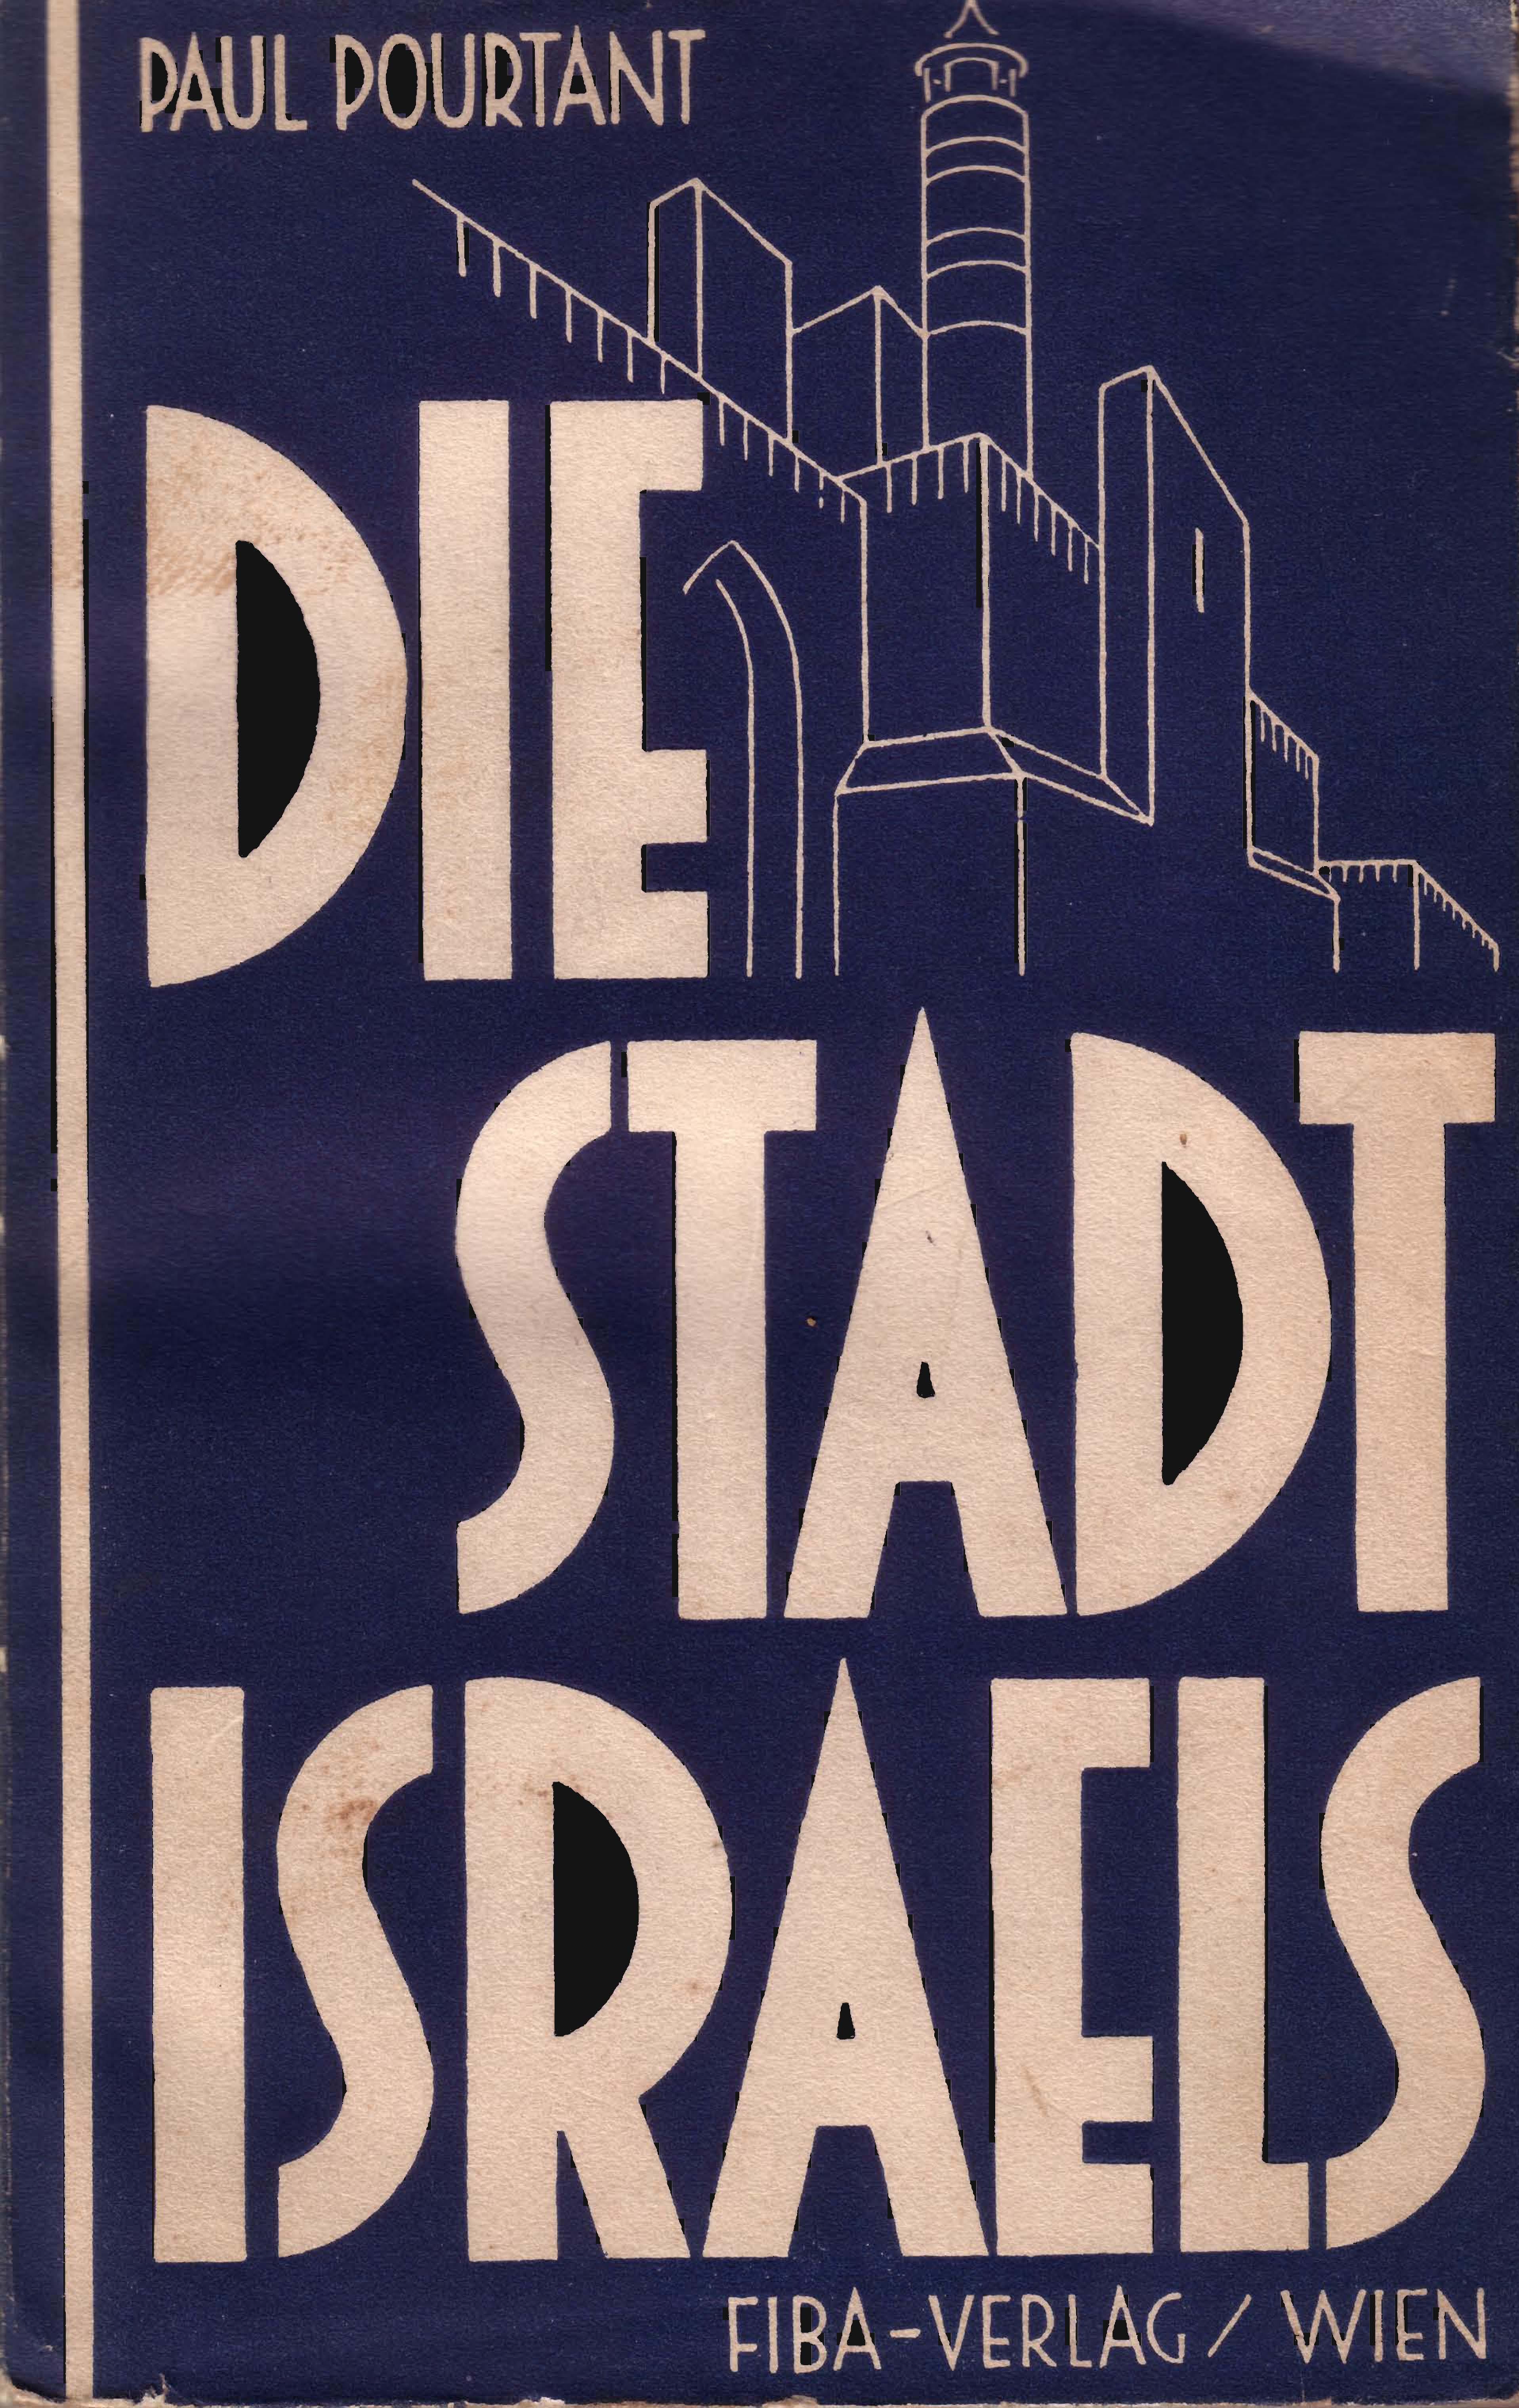 Einbandgestaltung vermutlich Hermann Kosel, 1936